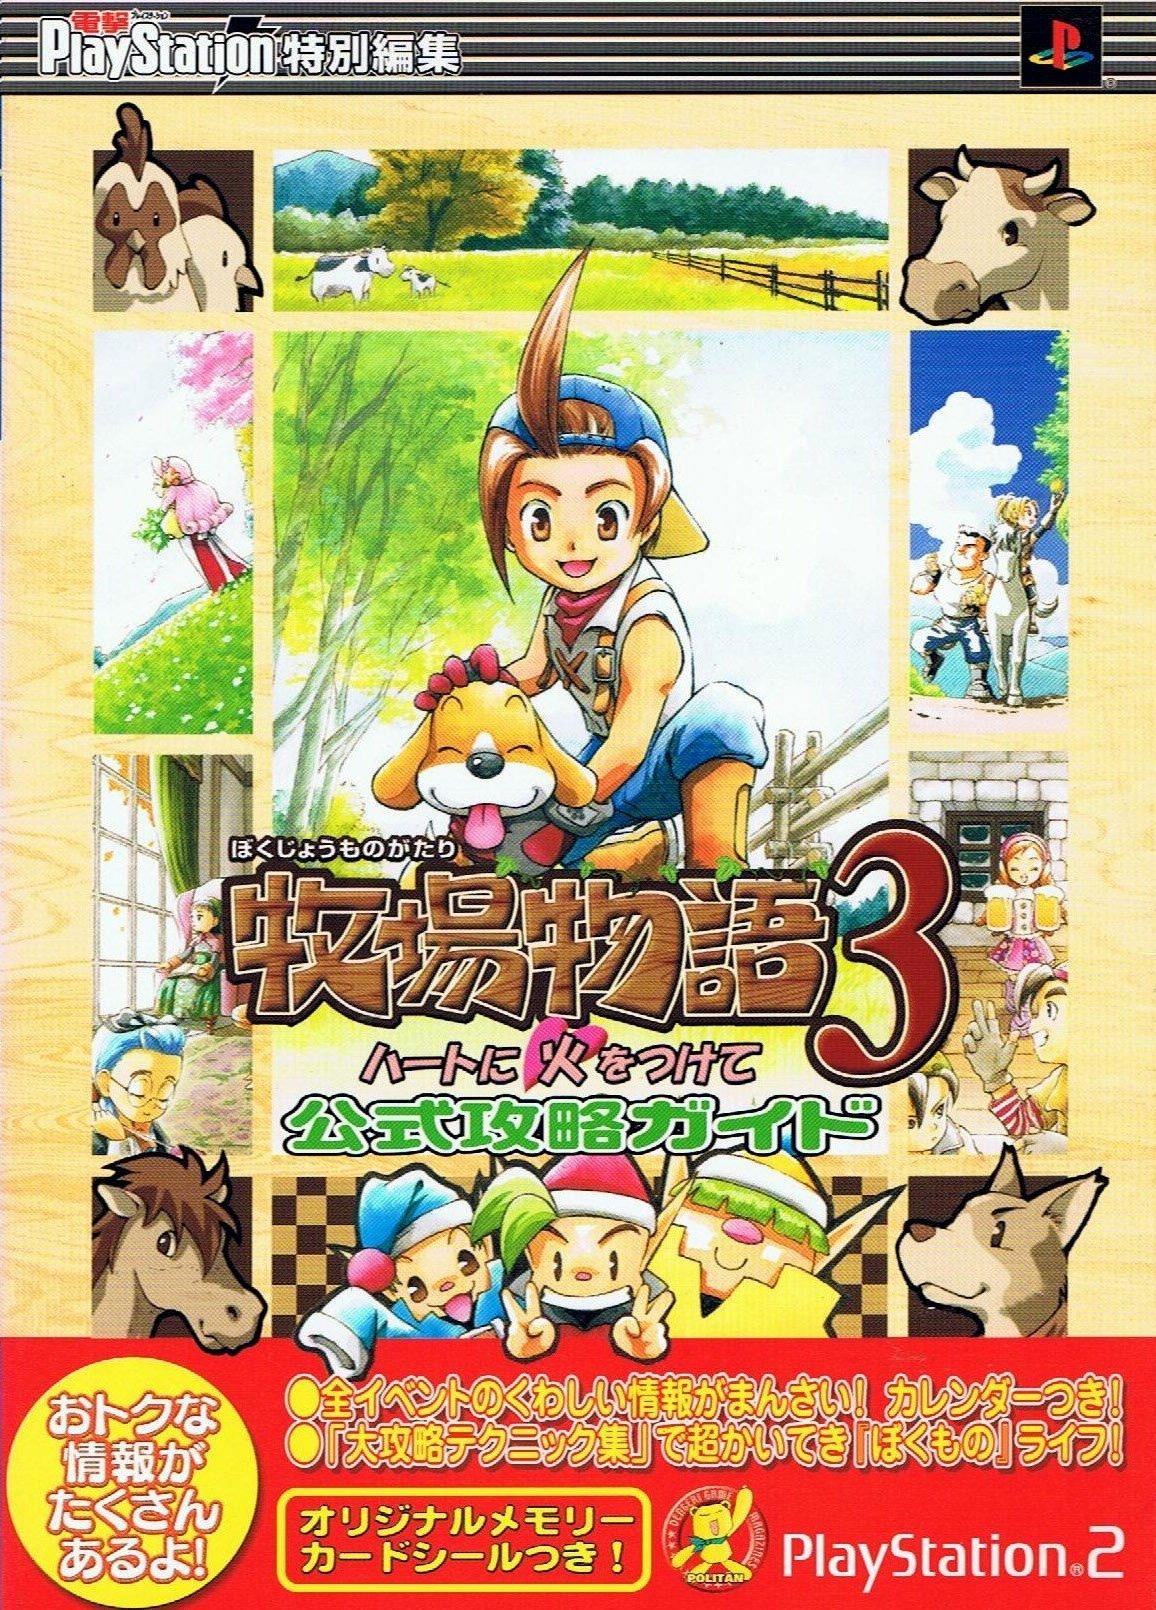 Harvest Moon: Save the Homeland (Bokujou Monogatari 3: Heart ni Hi o Tsukete)  Koushiki Kouryaku Guide